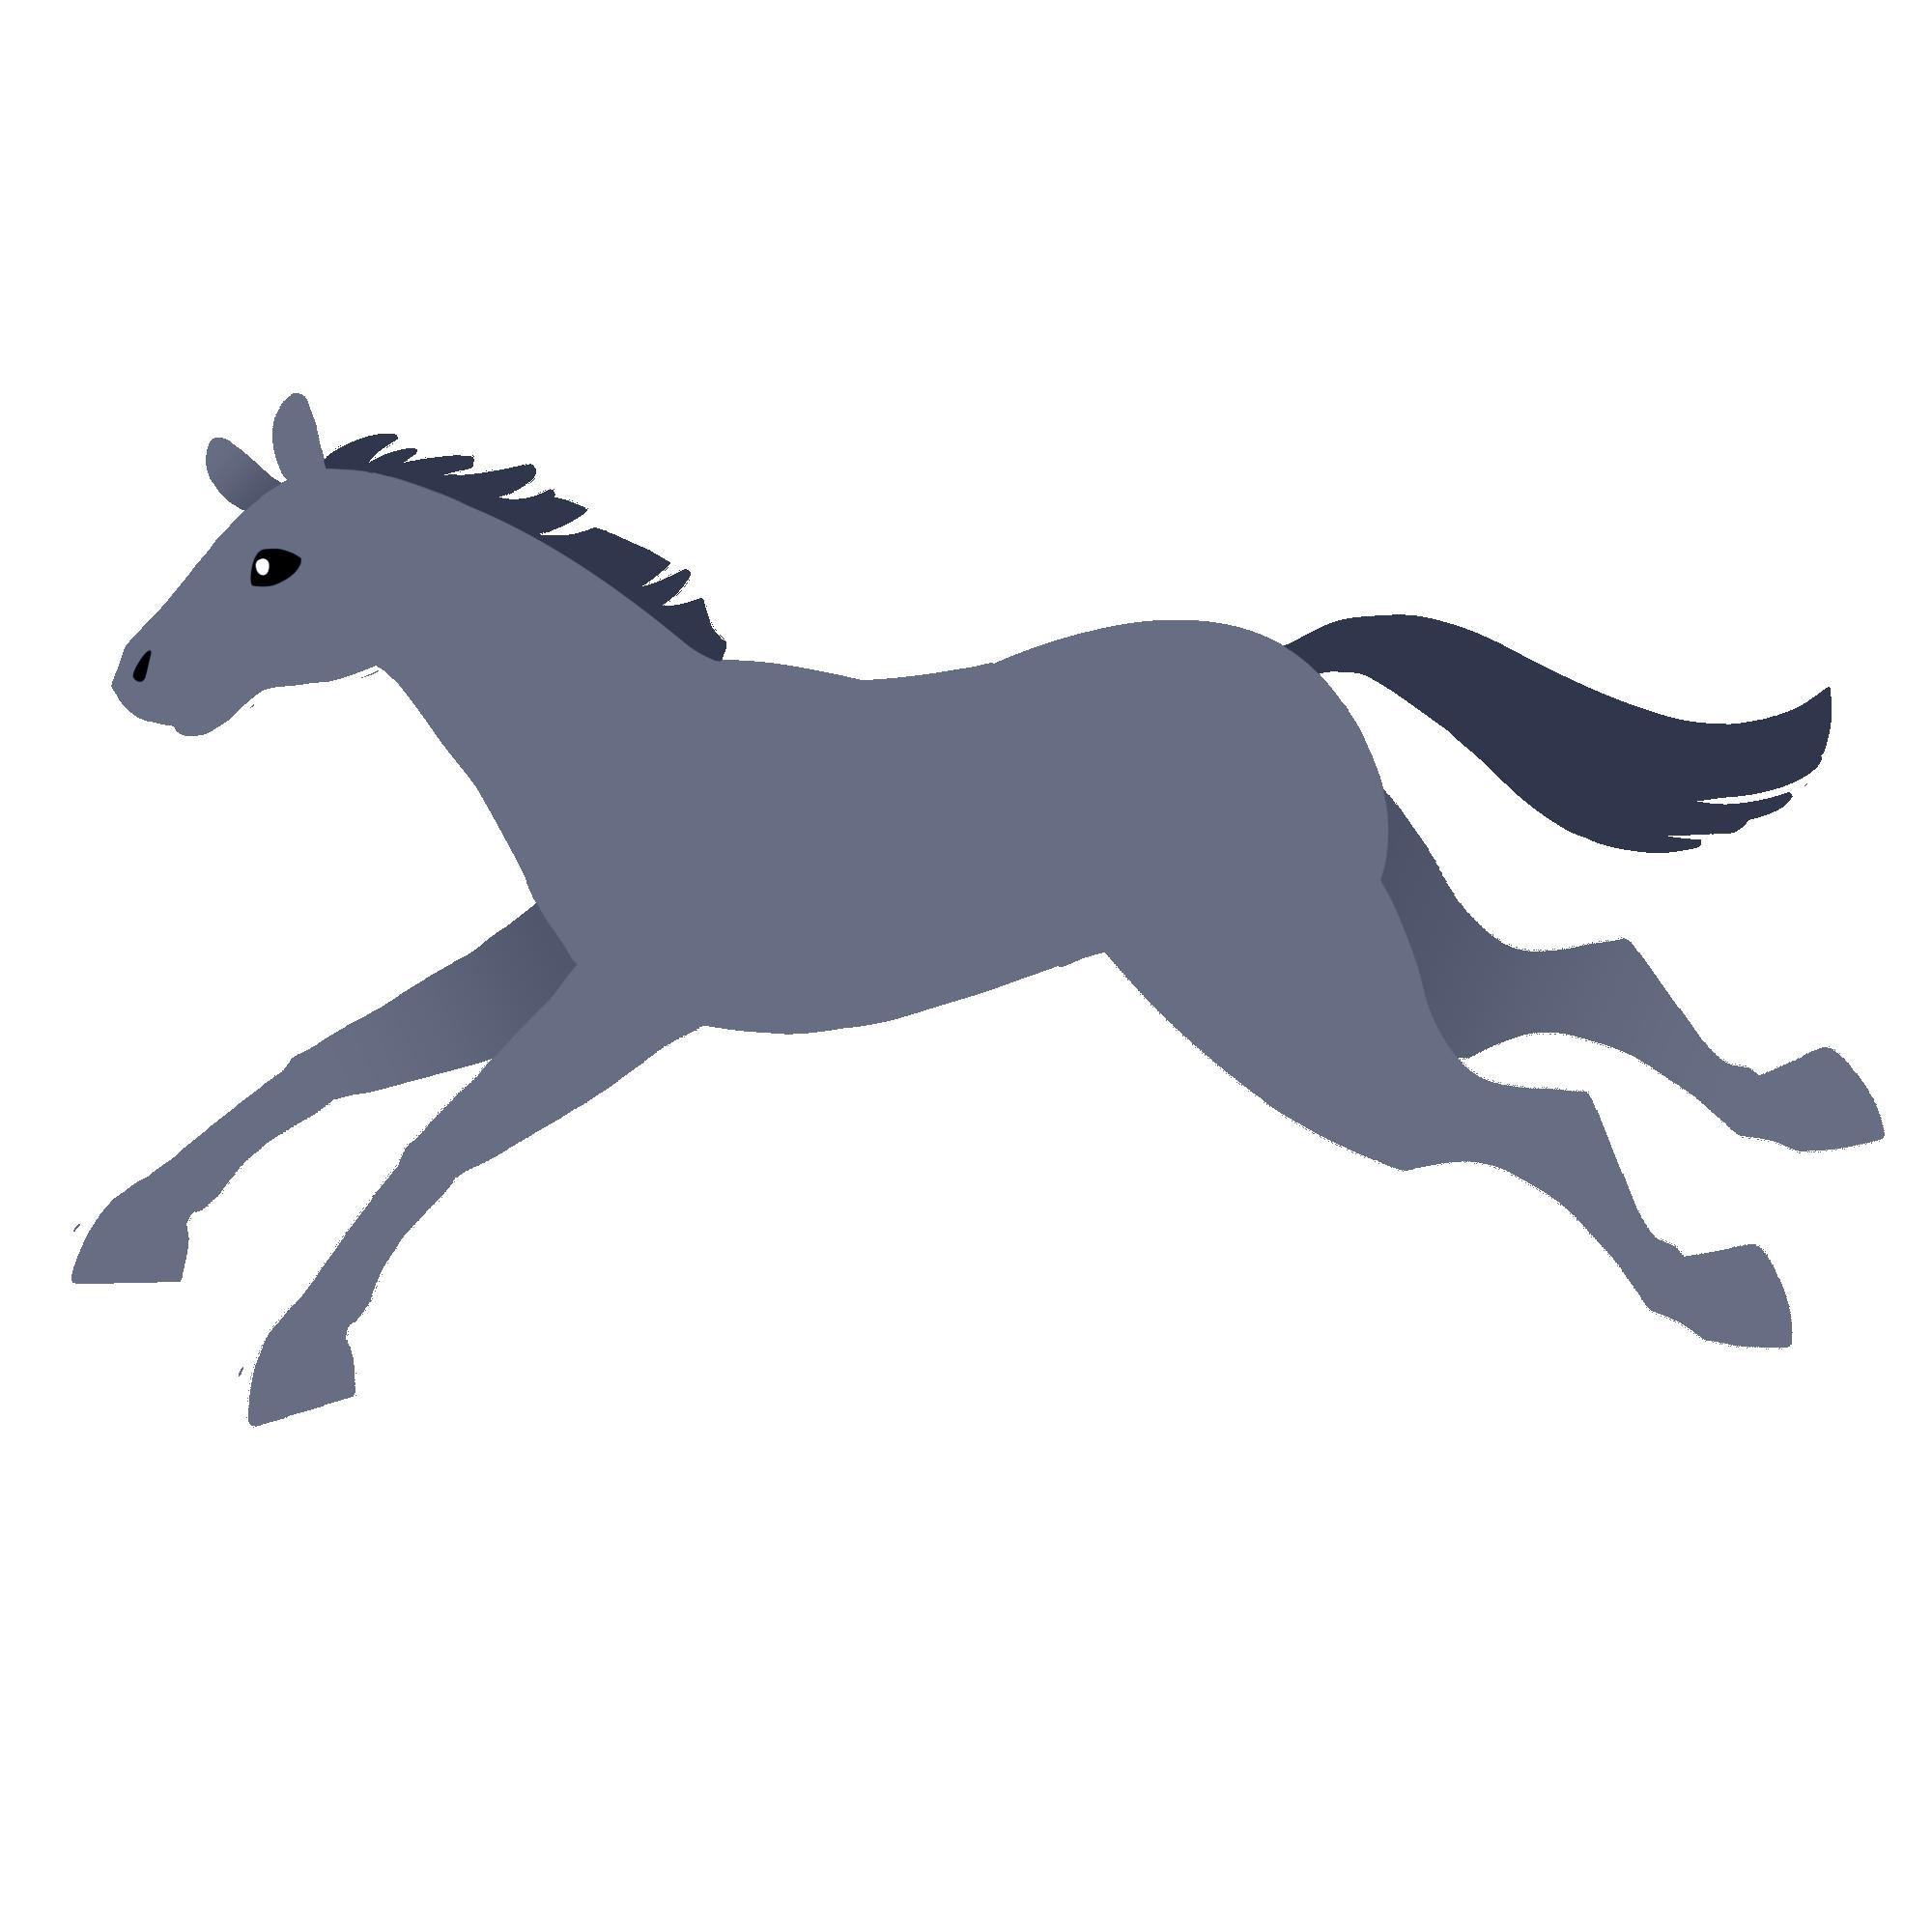 芦毛の走る馬